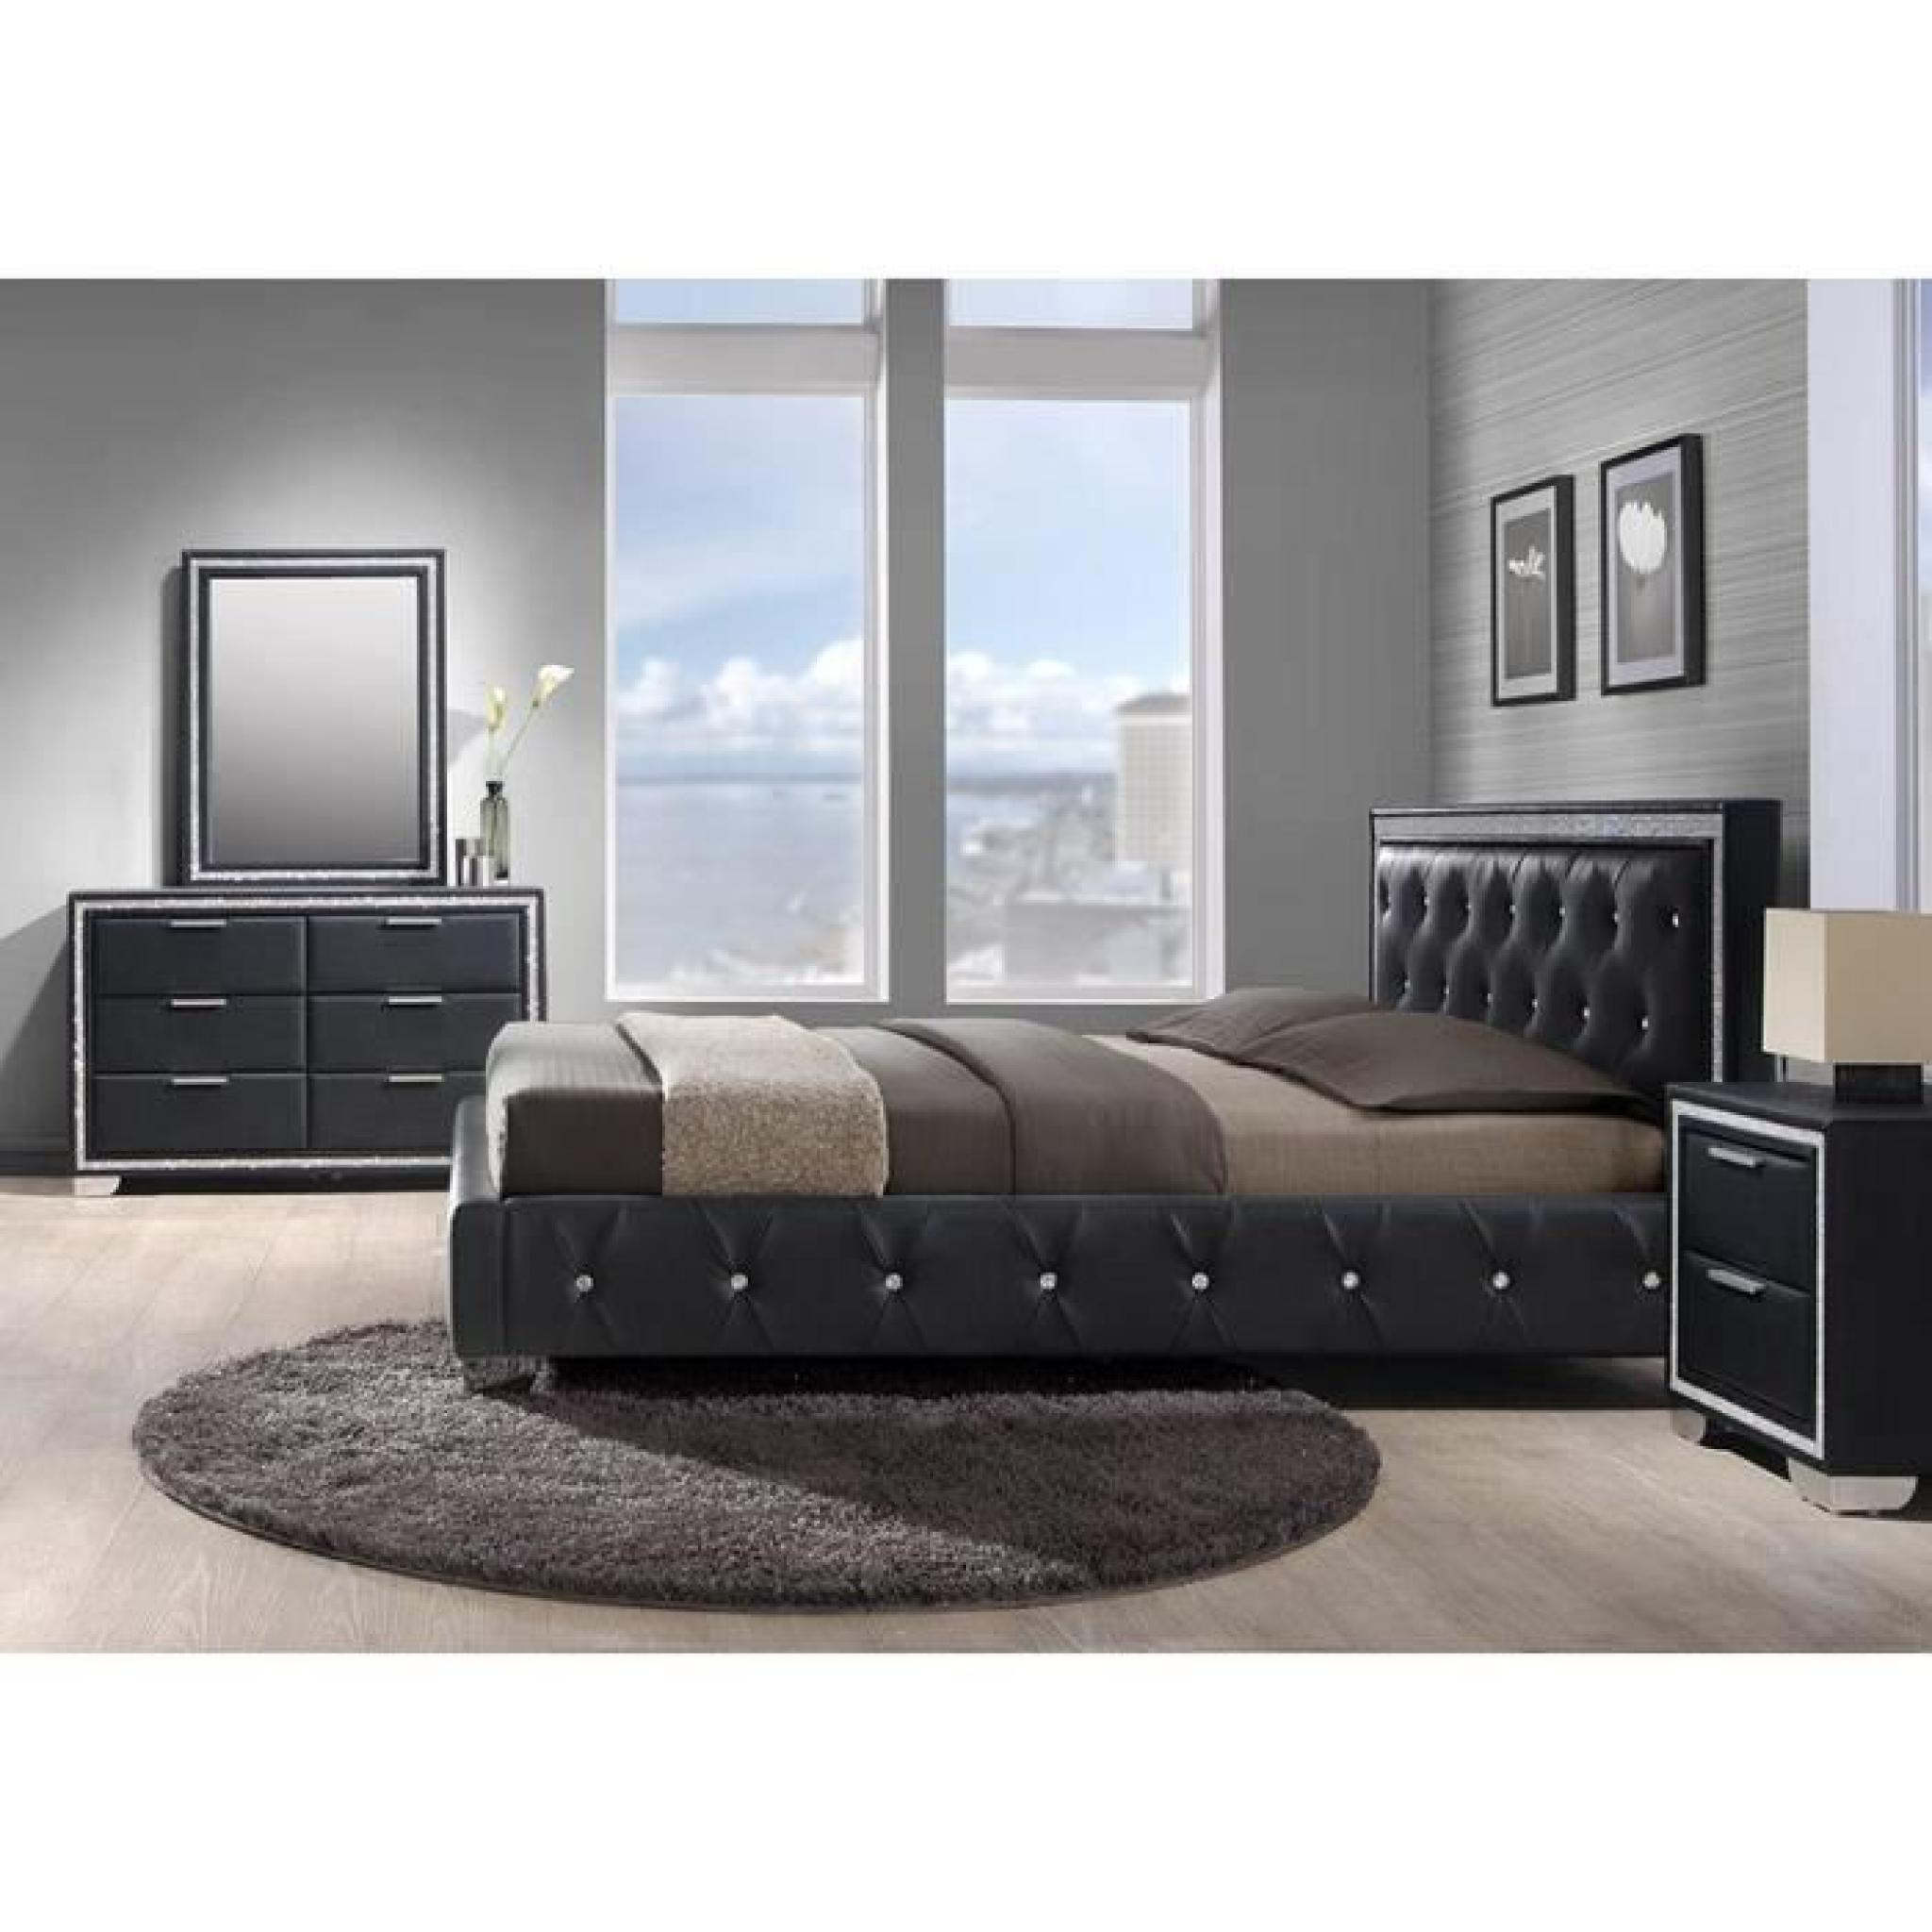 chevet 2 tiroirs simili noir cladis 50 cm achat vente table de chevet pas cher couleur et. Black Bedroom Furniture Sets. Home Design Ideas